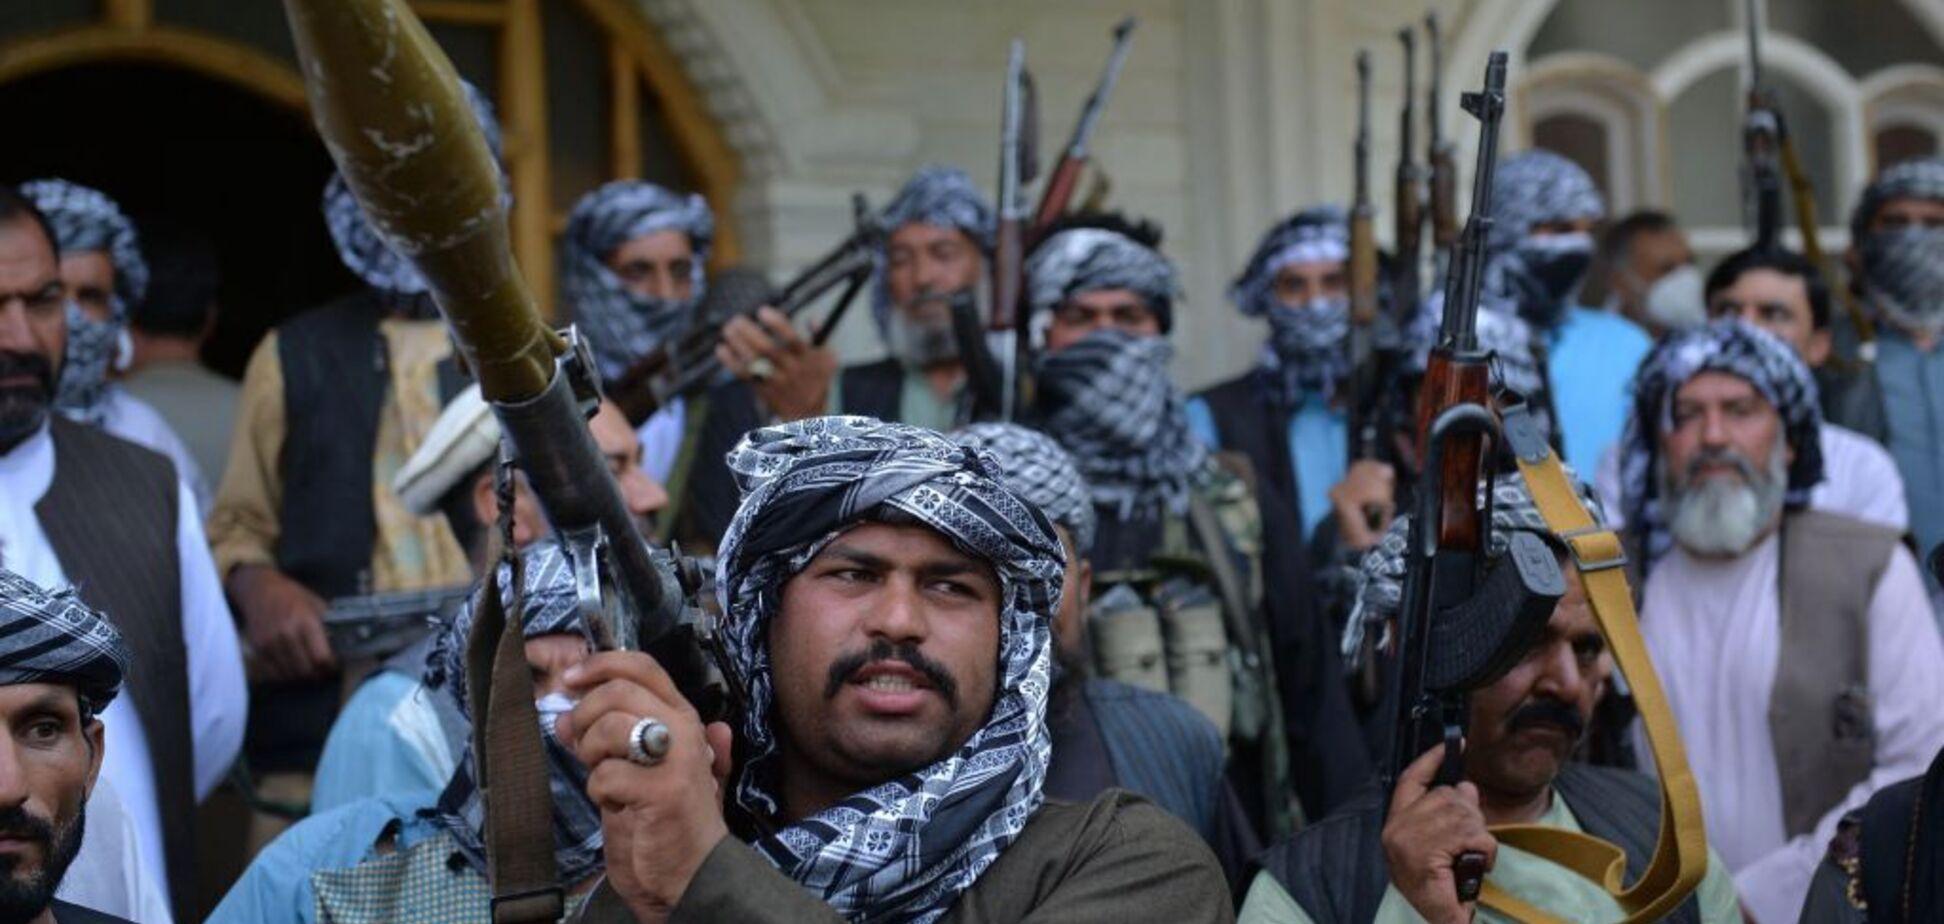 Таліби відмовилися співпрацювати із США в боротьбі з ІДІЛ